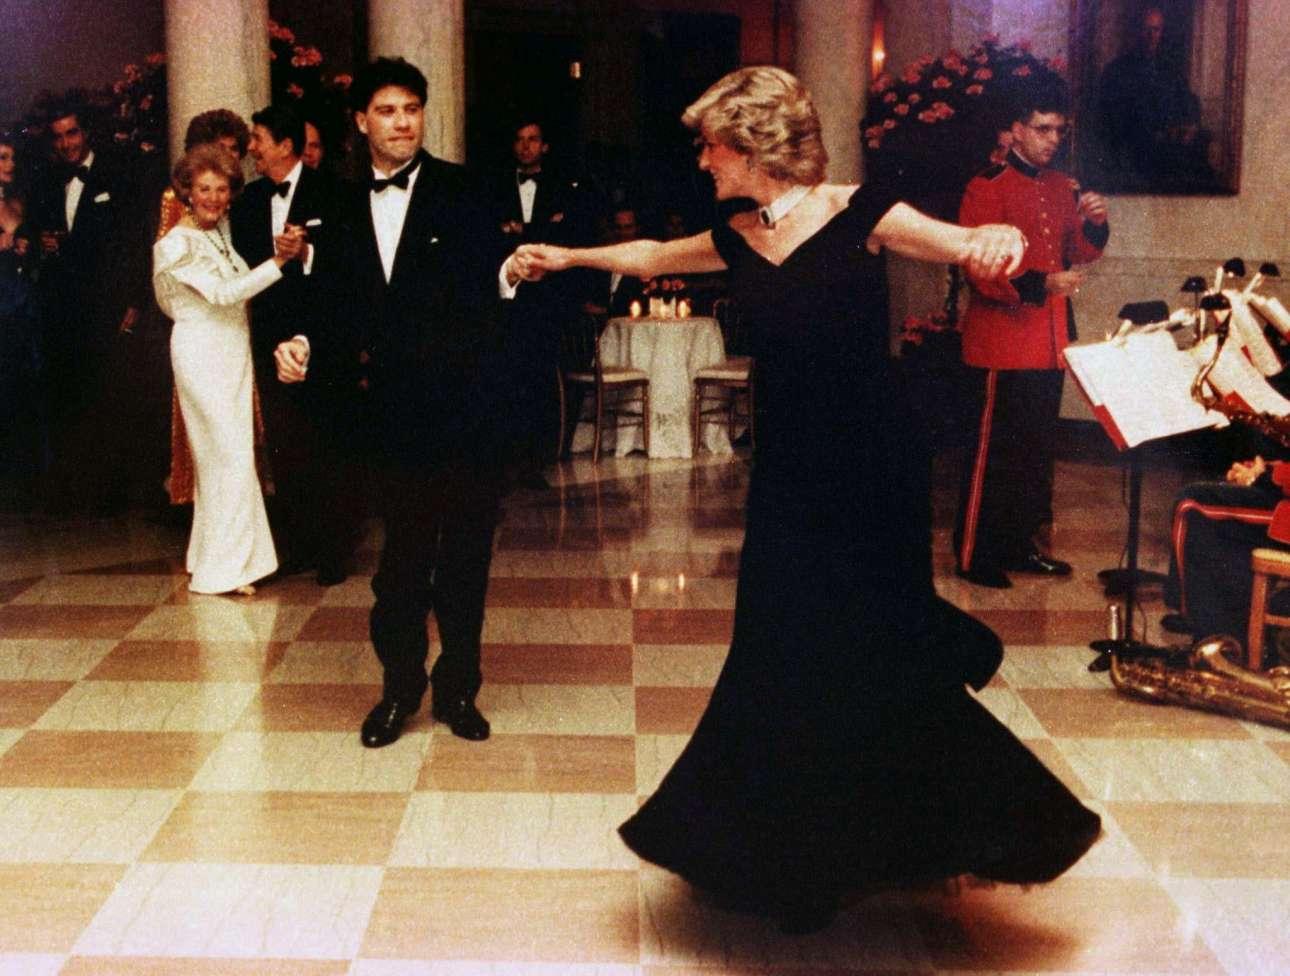 DIANA-Travolta-White House-reuters